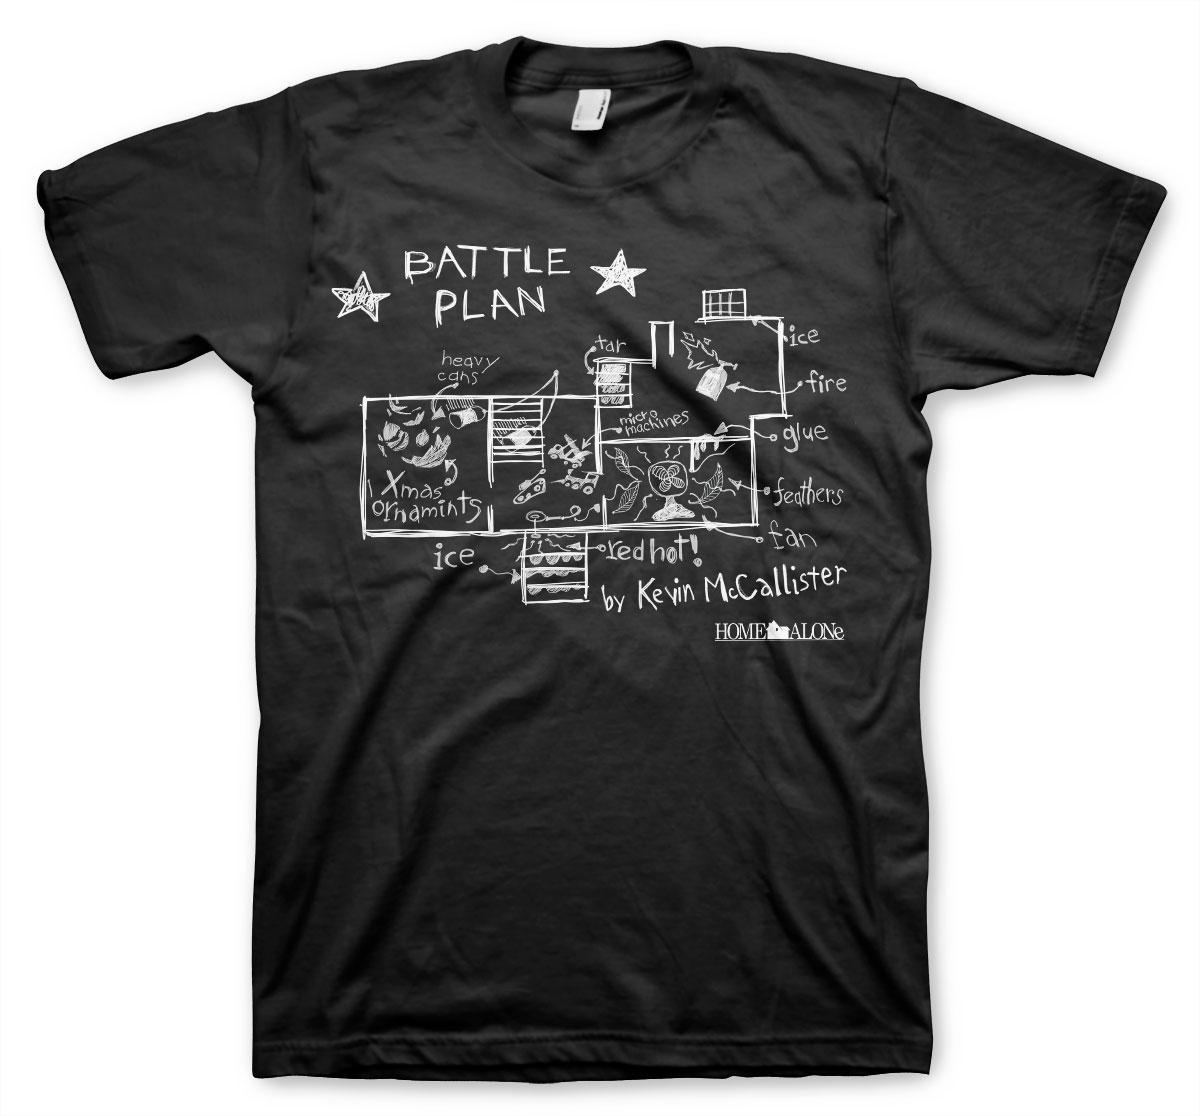 Alene_hjemme_battle plan_t-shirt